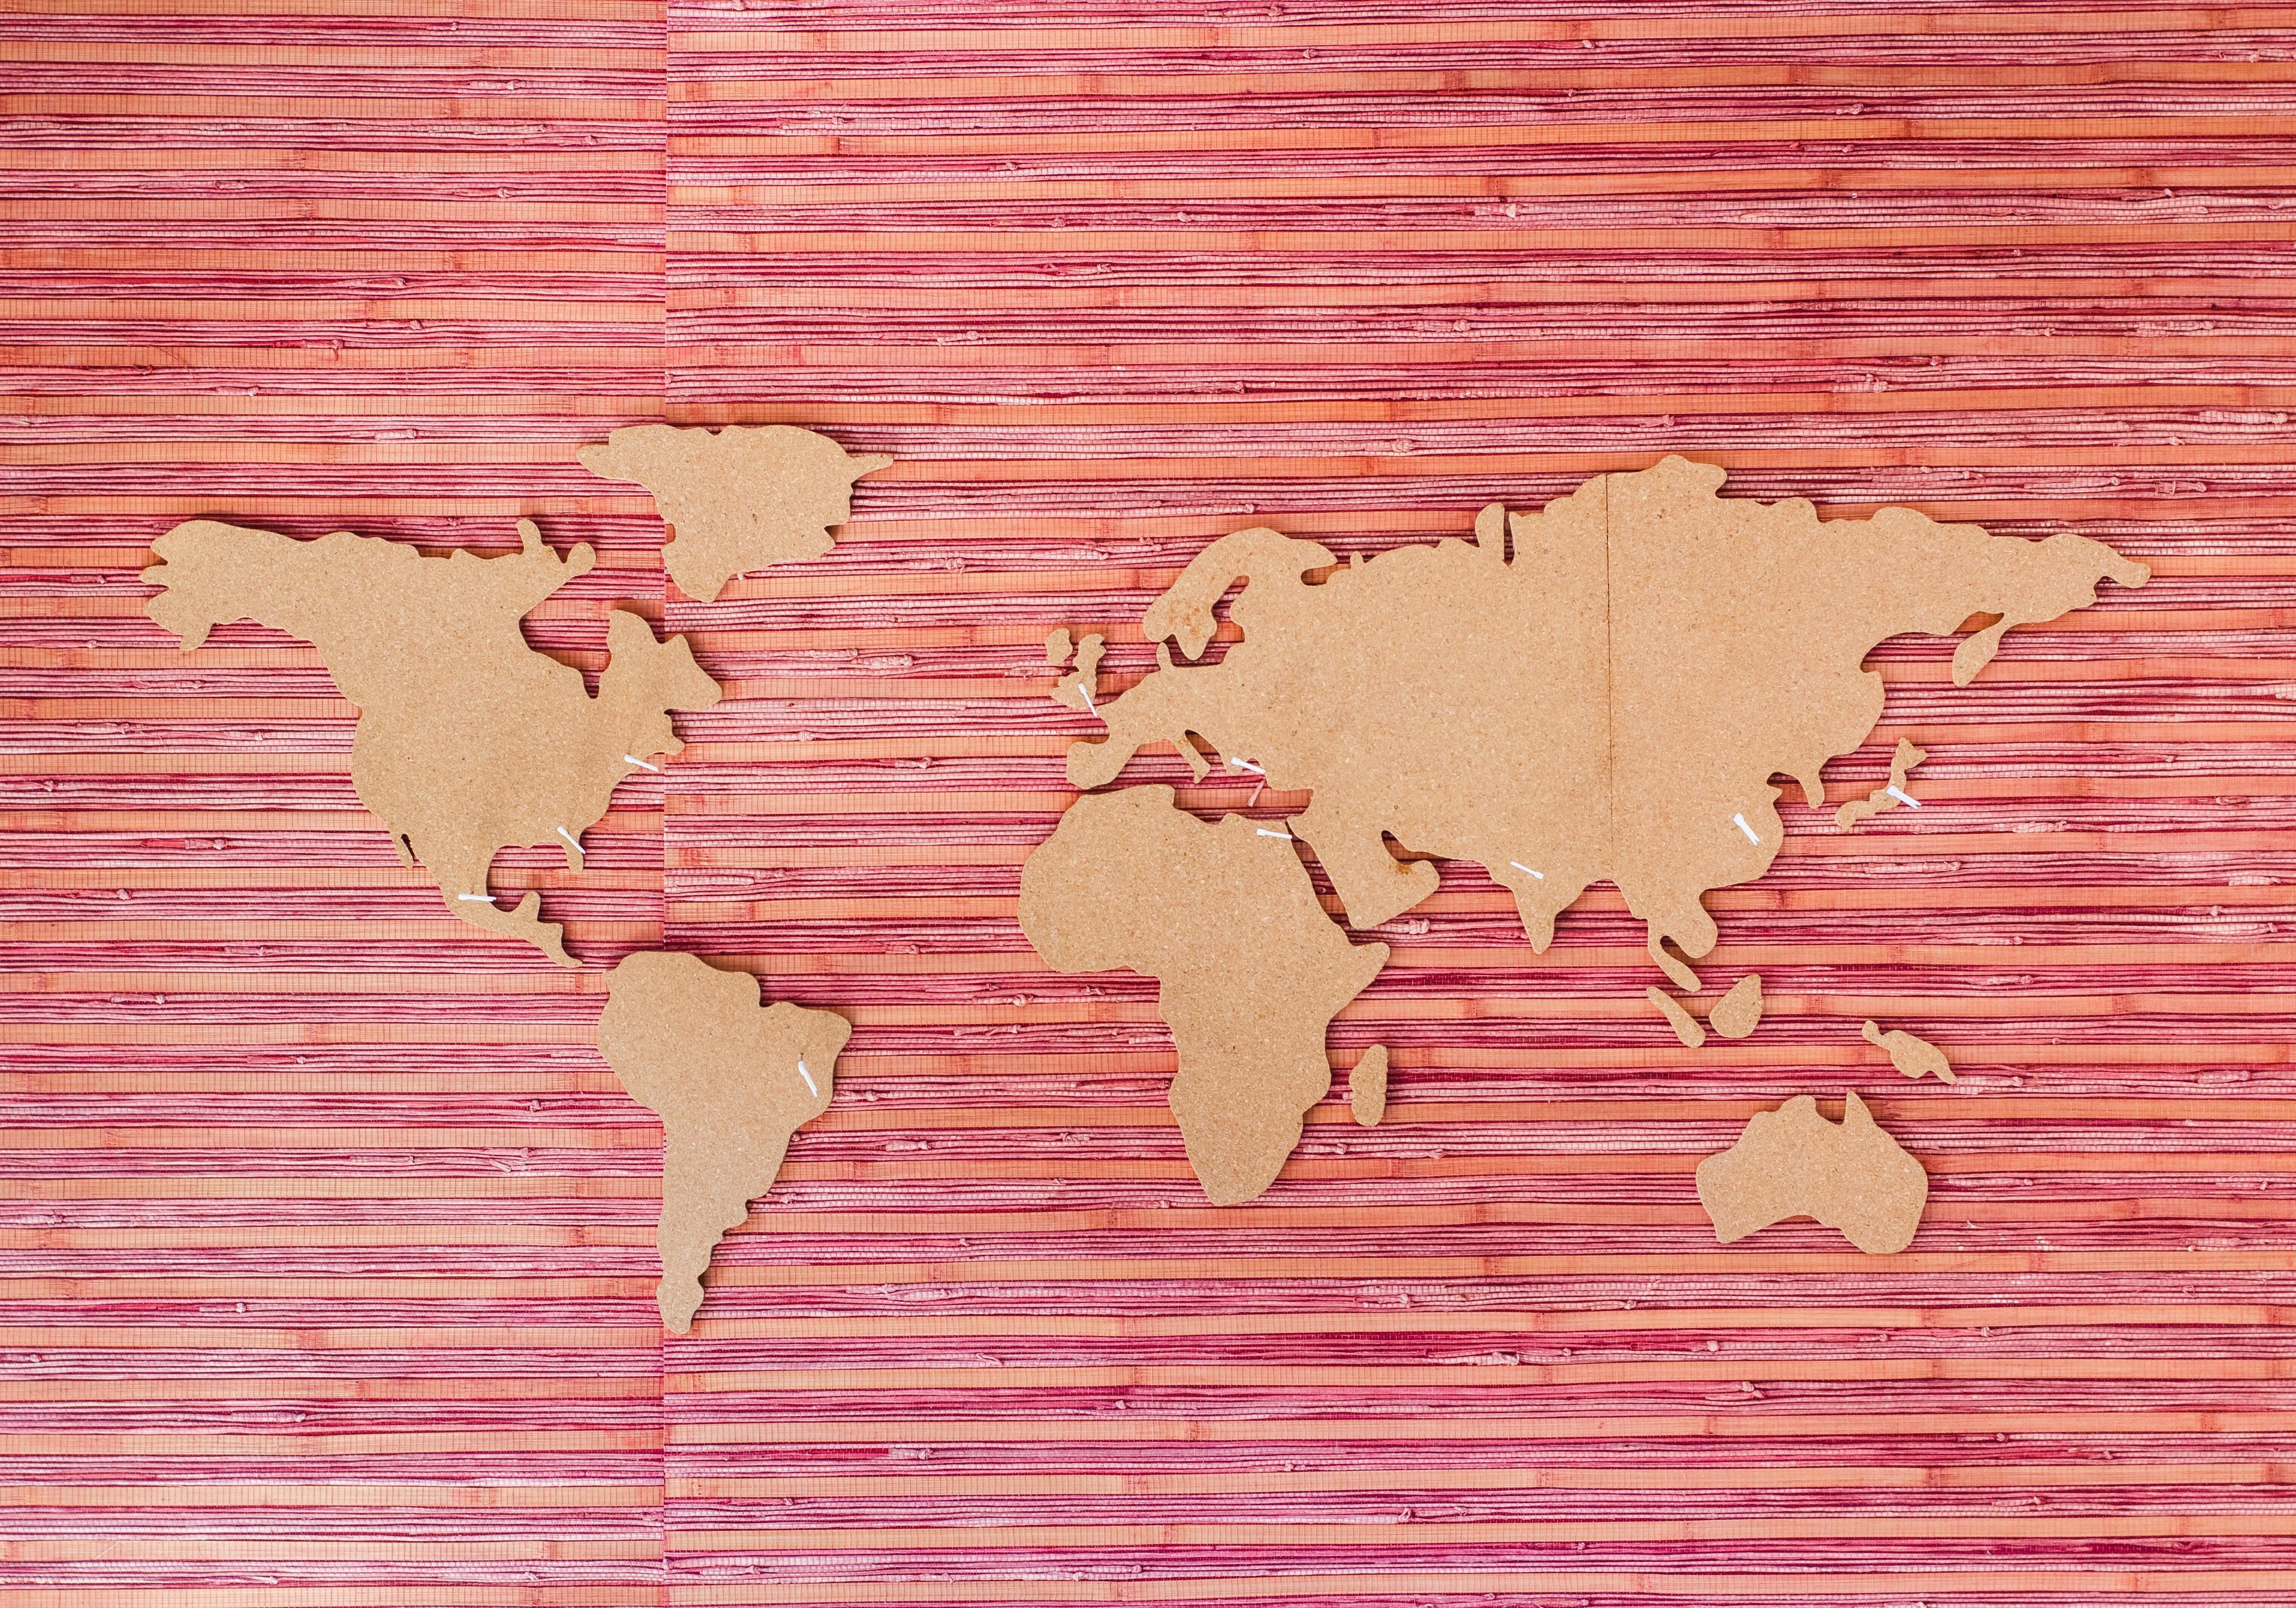 a art installation showing the world's landmass